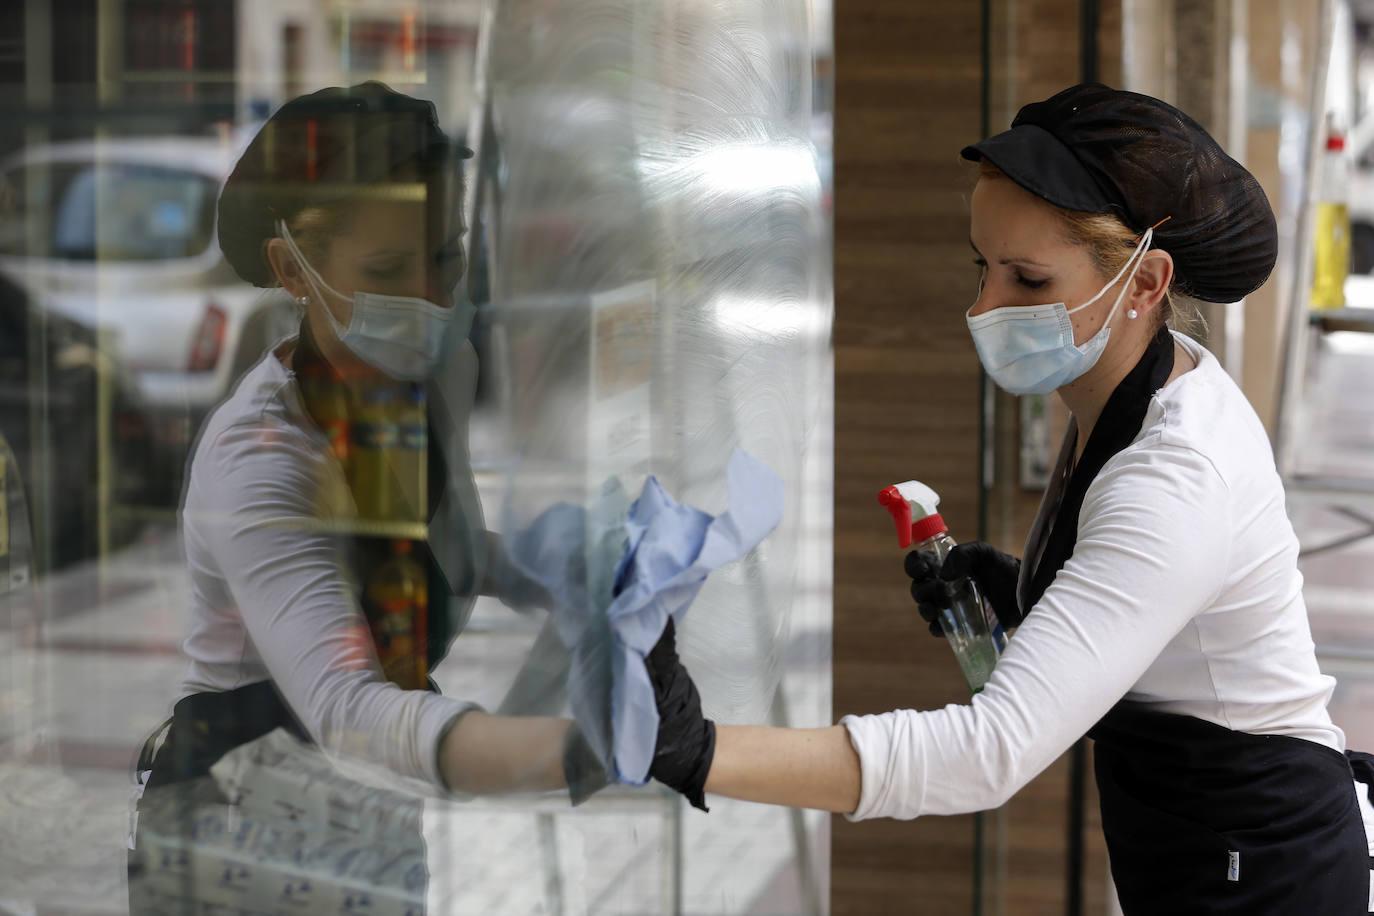 BOJA de Andalucía del 8 noviembre de 2020: Publicadas las nuevas medidas y restricciones en Andalucía por el coronavirus